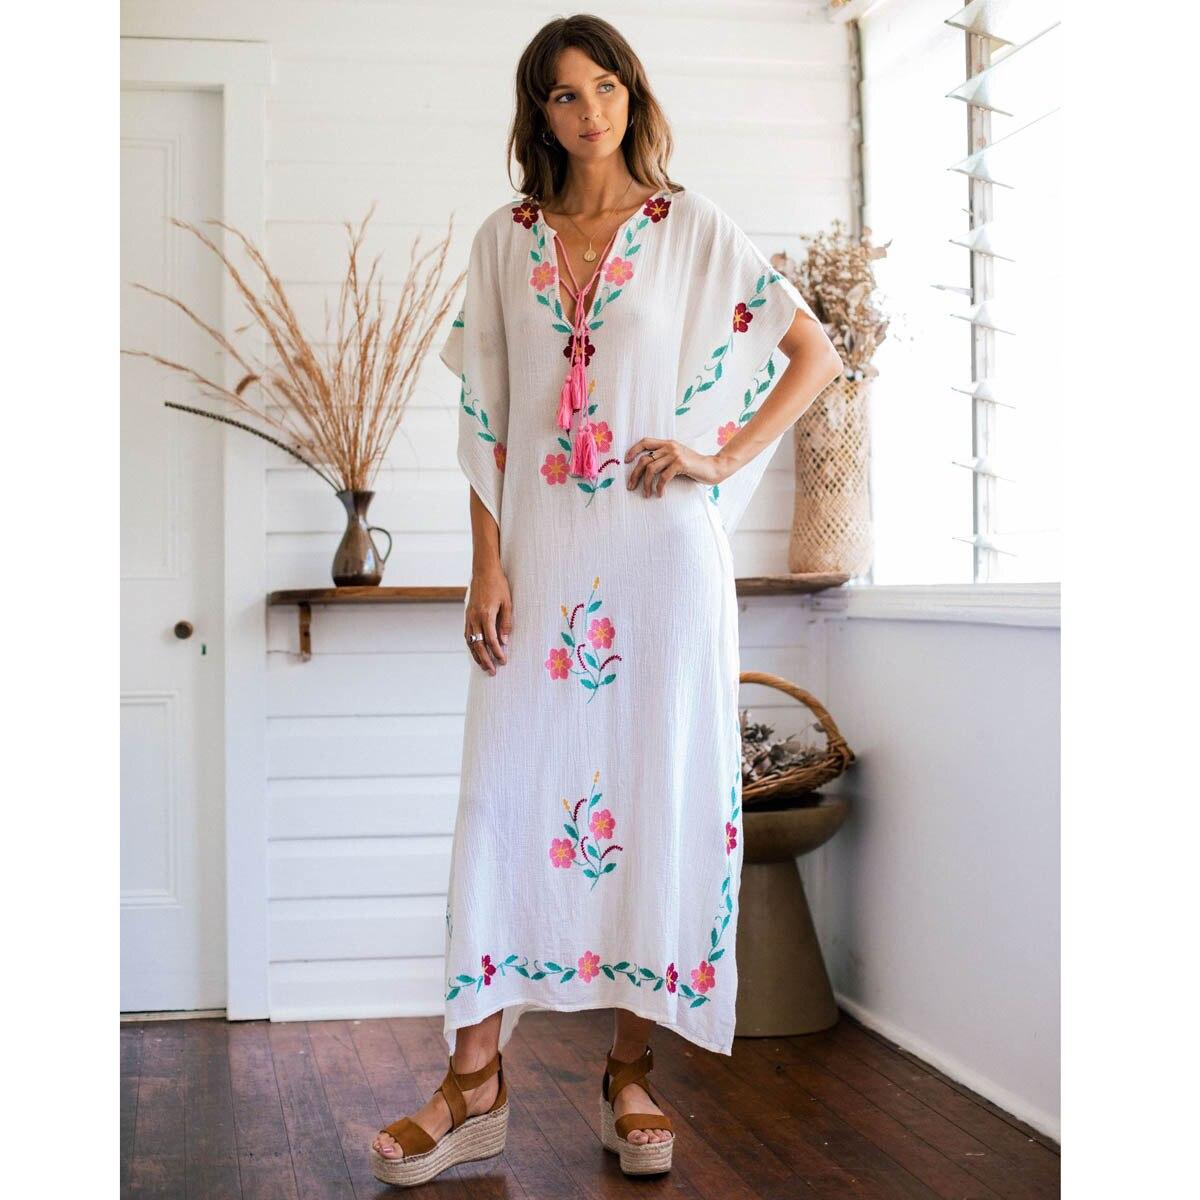 Jastie Broderie Florale Kaftan V-cou Manches Chauve-Souris blouse ample Boho robe d'été Hippie Chic robe de plage robes de femmes Robes